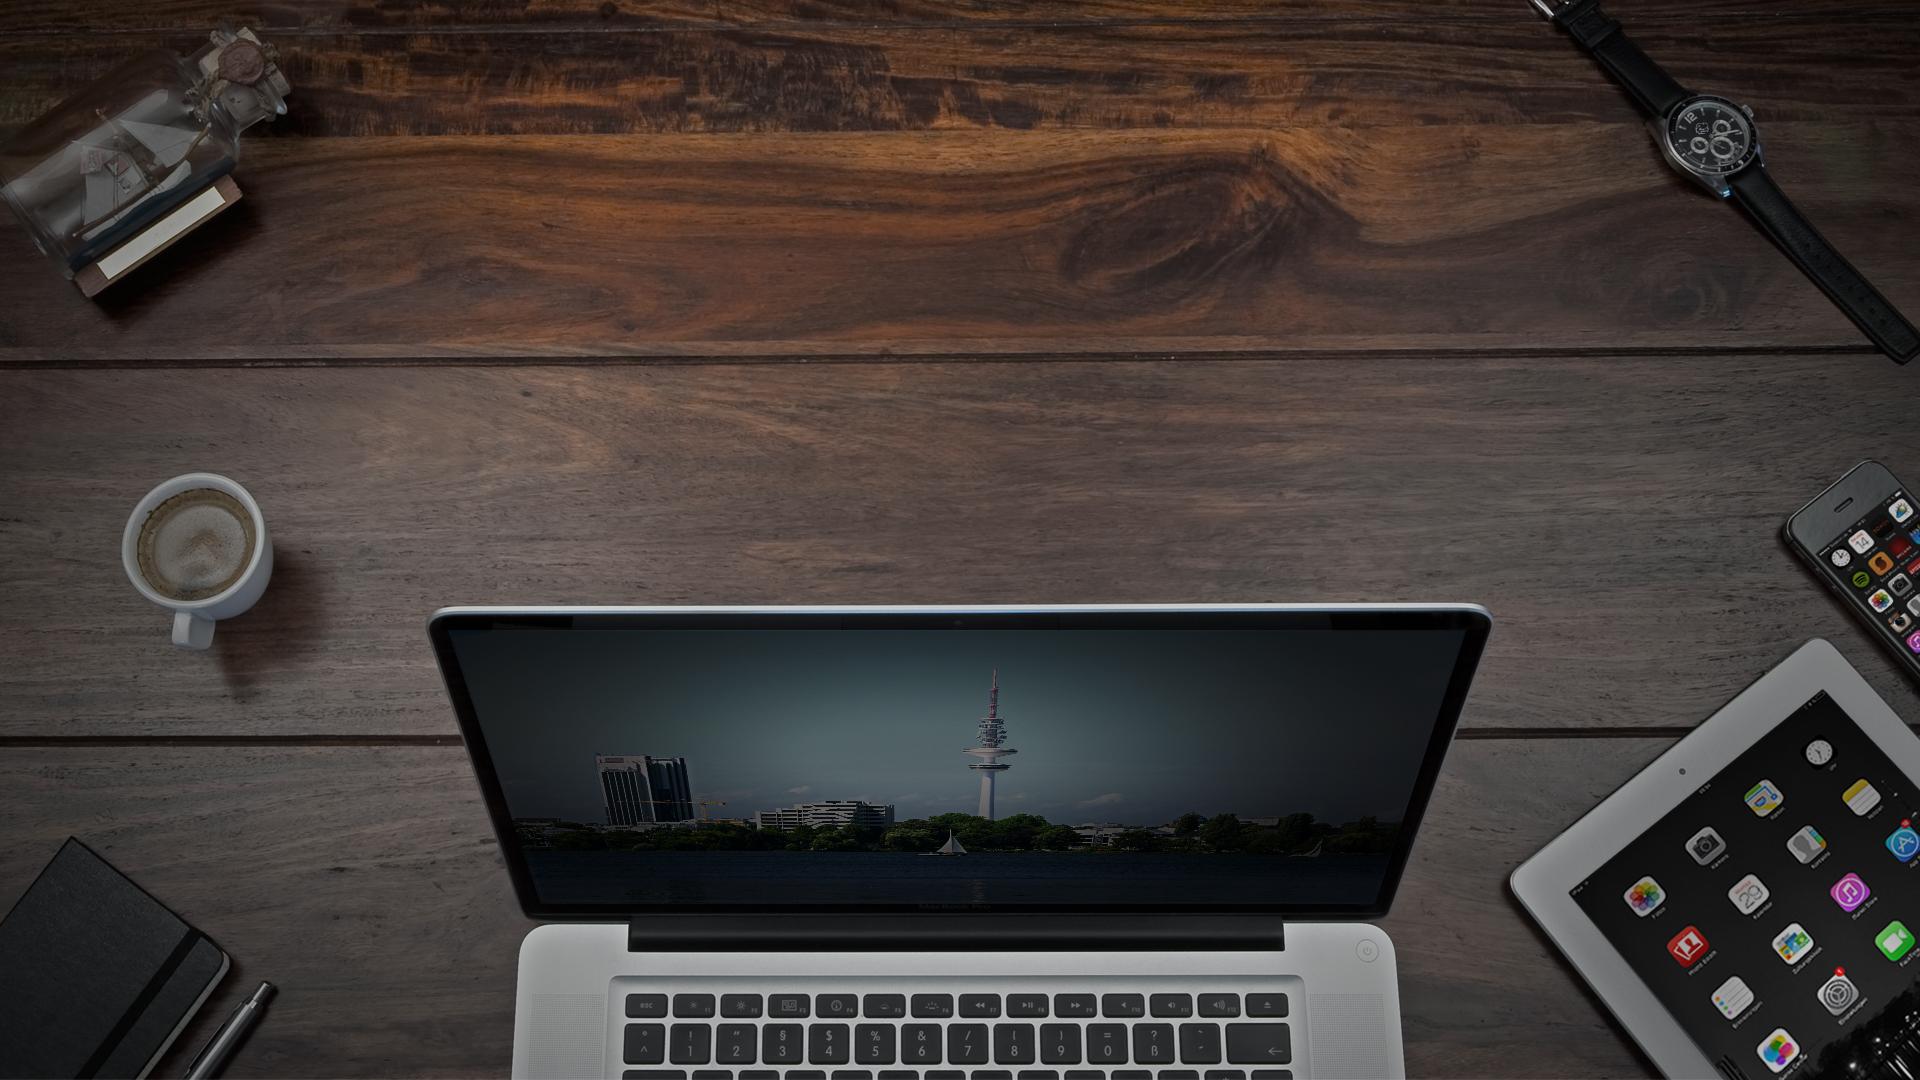 Schreibtisch_lionment-16zu9_desktop